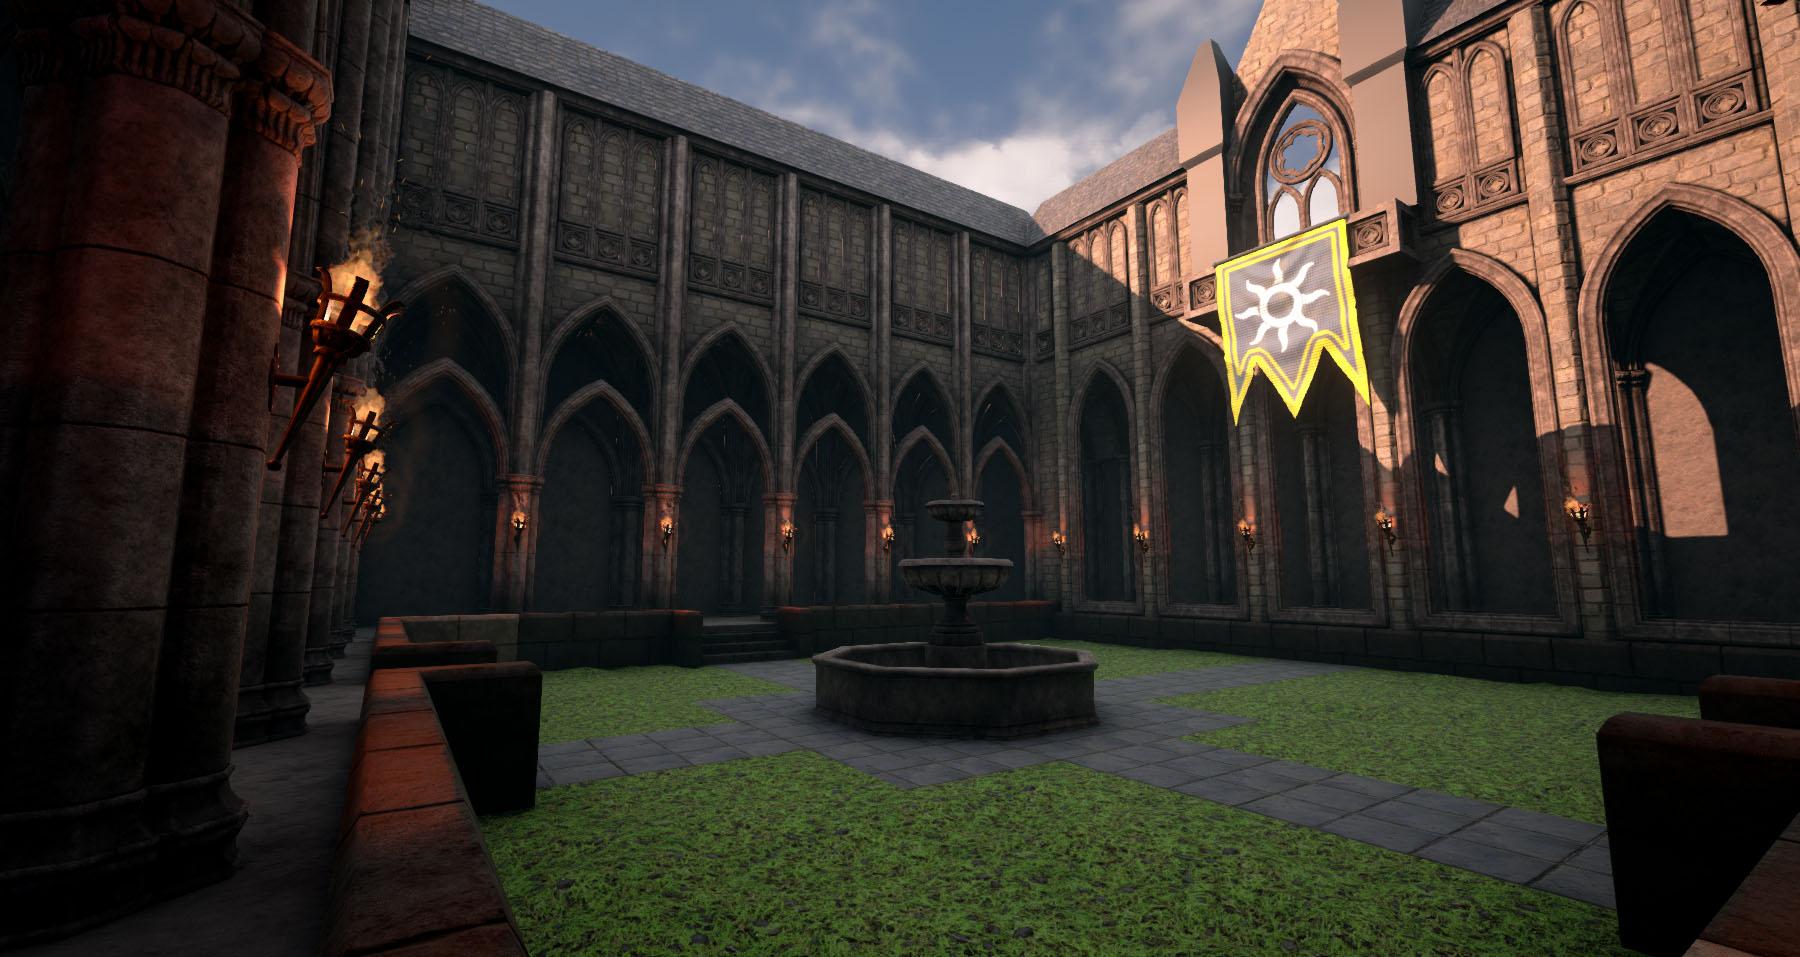 courtyard_wip6.jpg